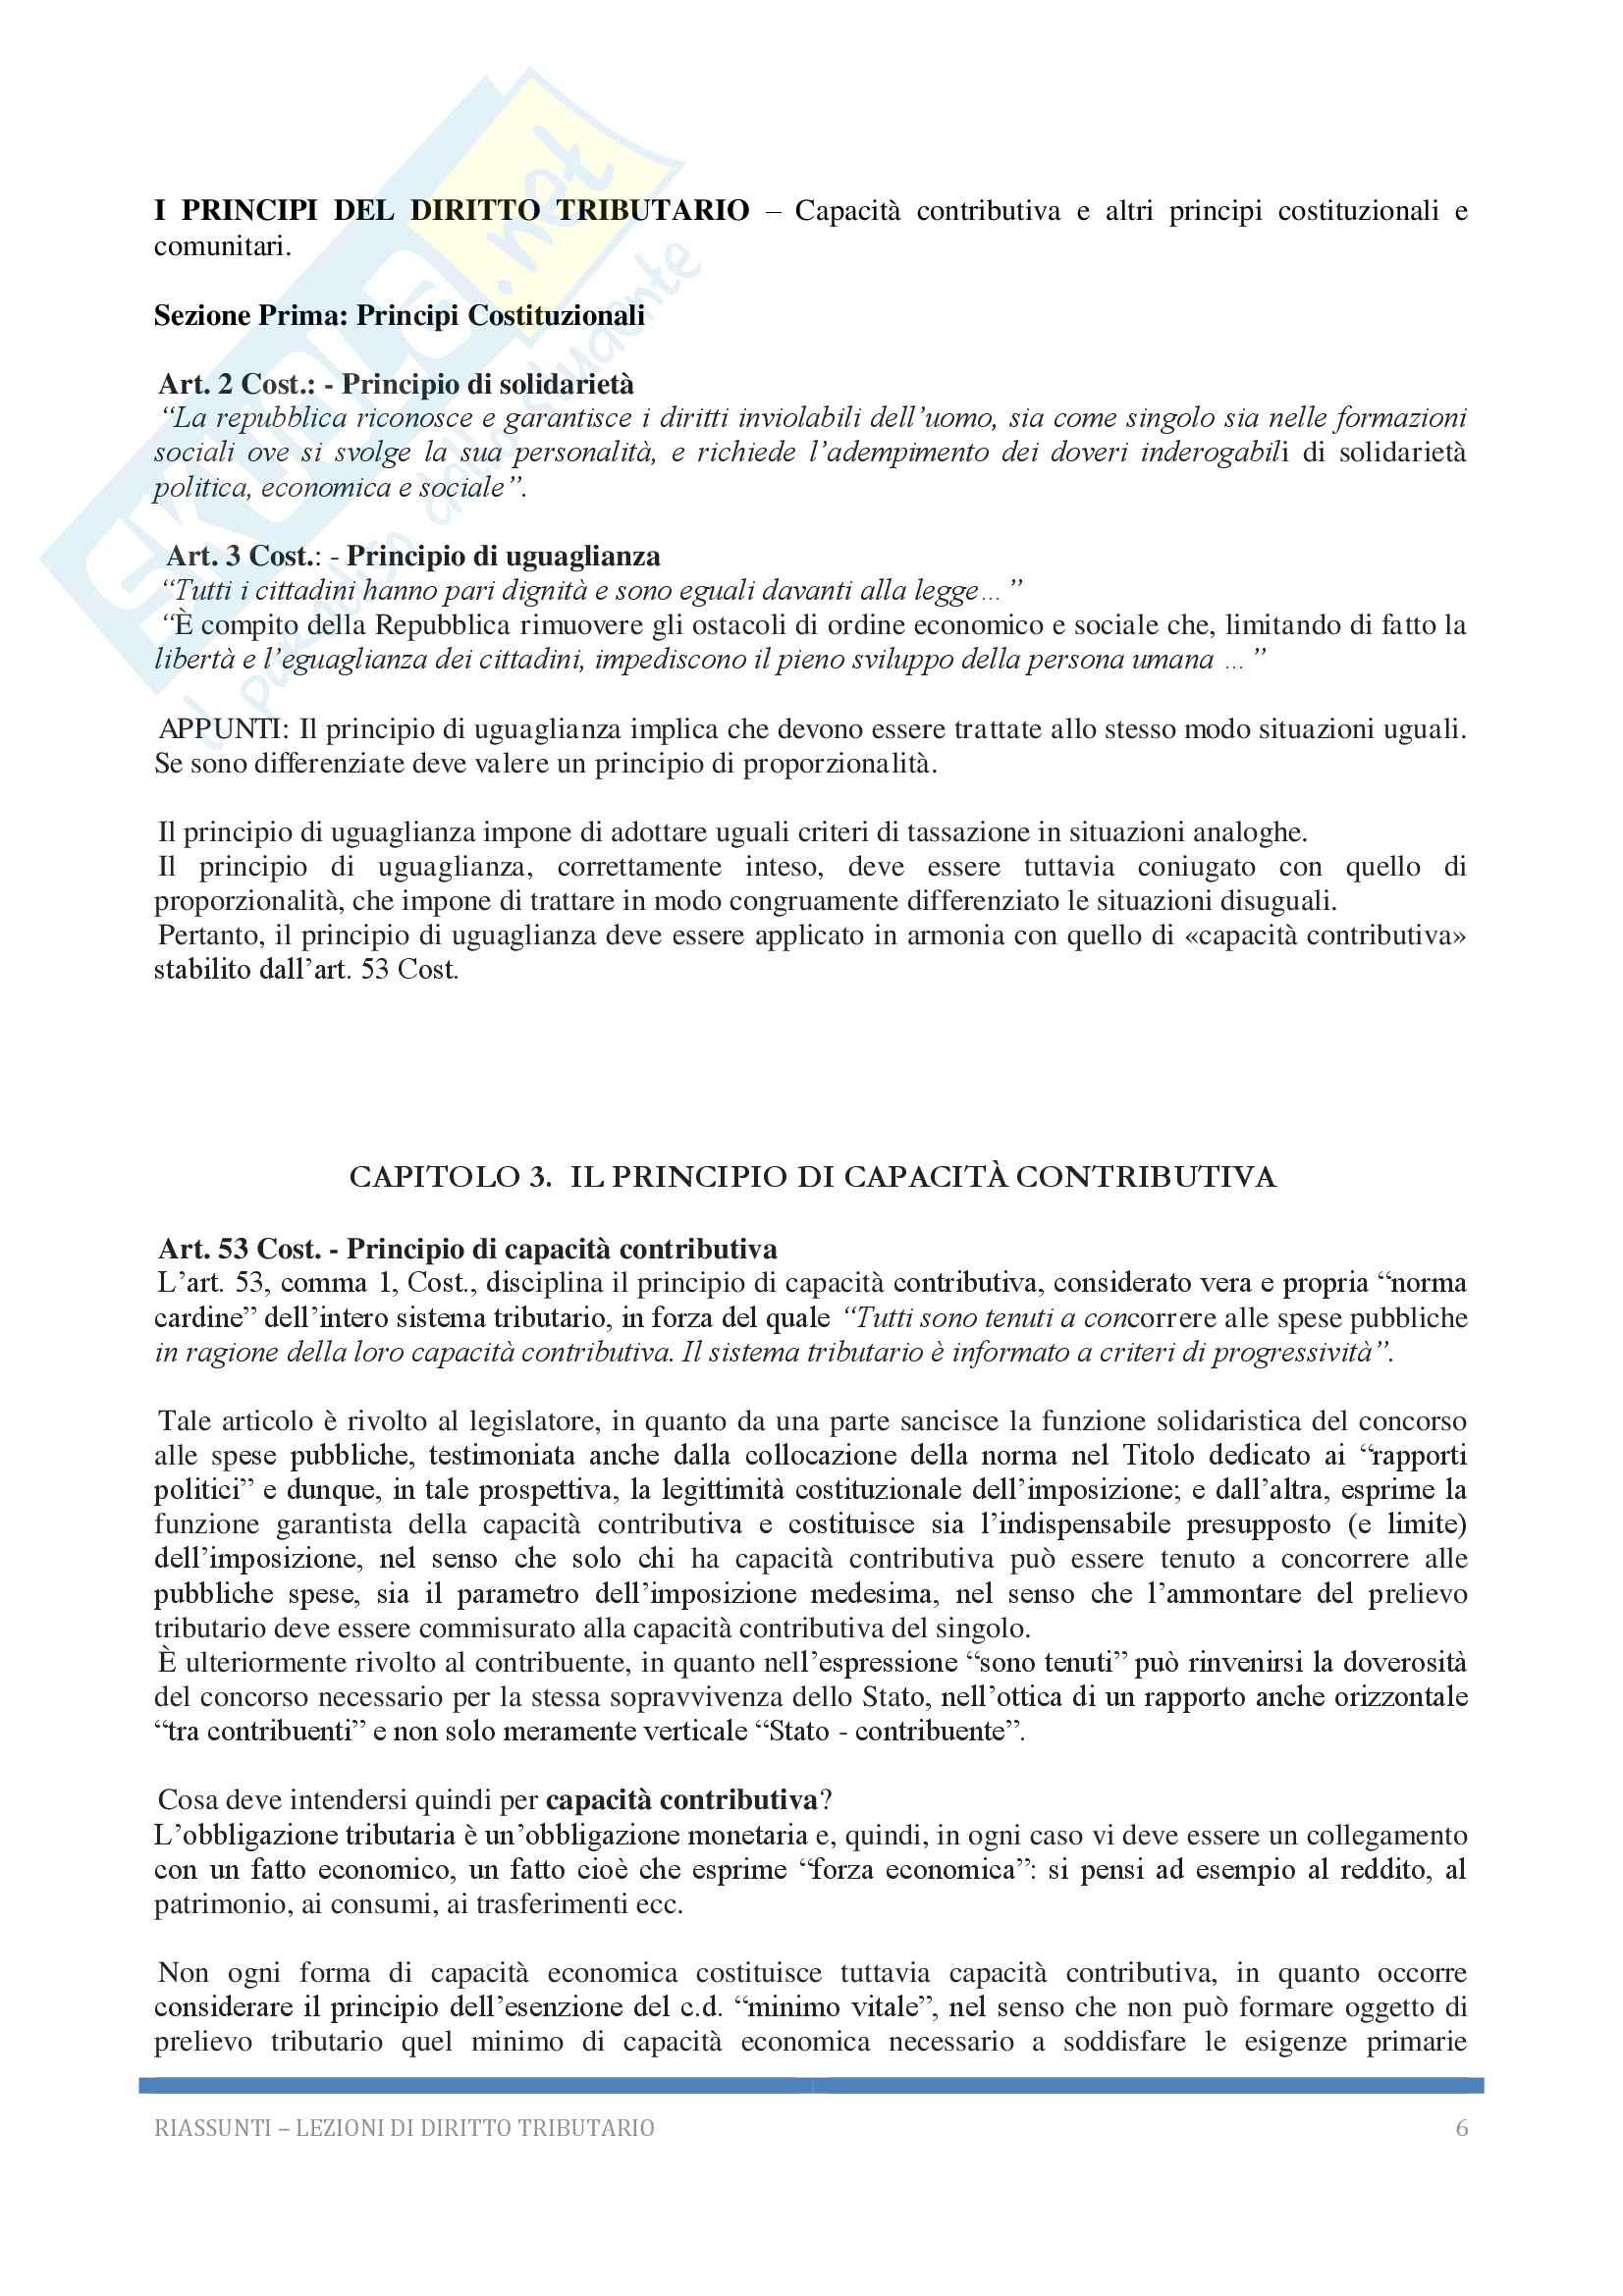 Riassunto esame Diritto tributario, Docente G. Melis, 2017! Pag. 6